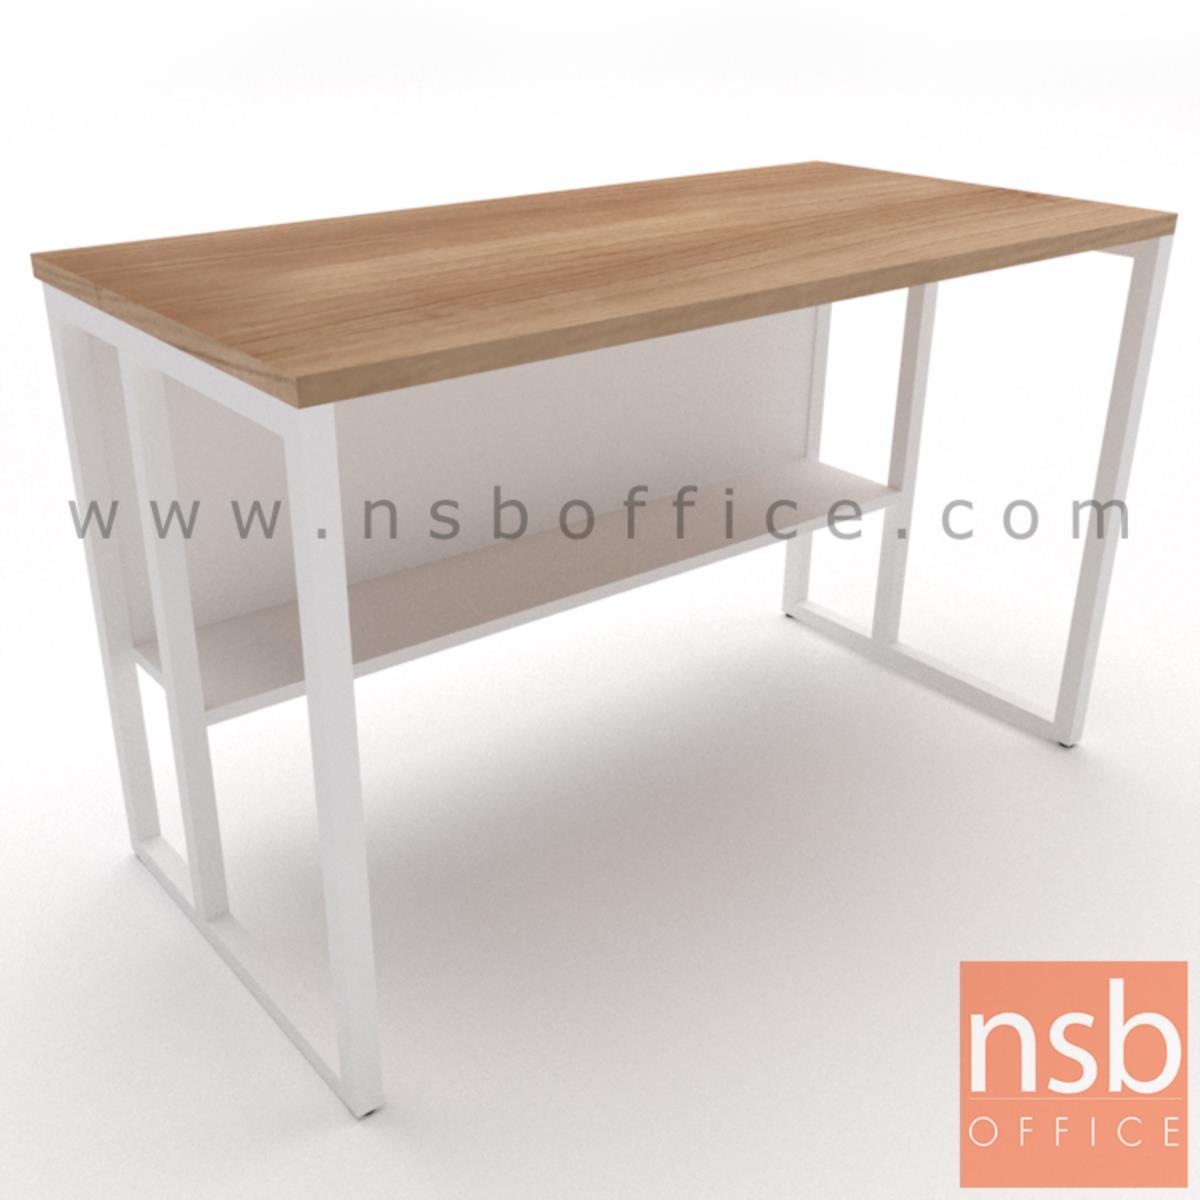 โต๊ะทำงานโล่งทรงสีเหลี่ยม รุ่น Lavina (ลาวิน่า) ขนาด 80W ,120W ,135W, 150W ,160W ,180W cm. ขาเหล็กกล่อง